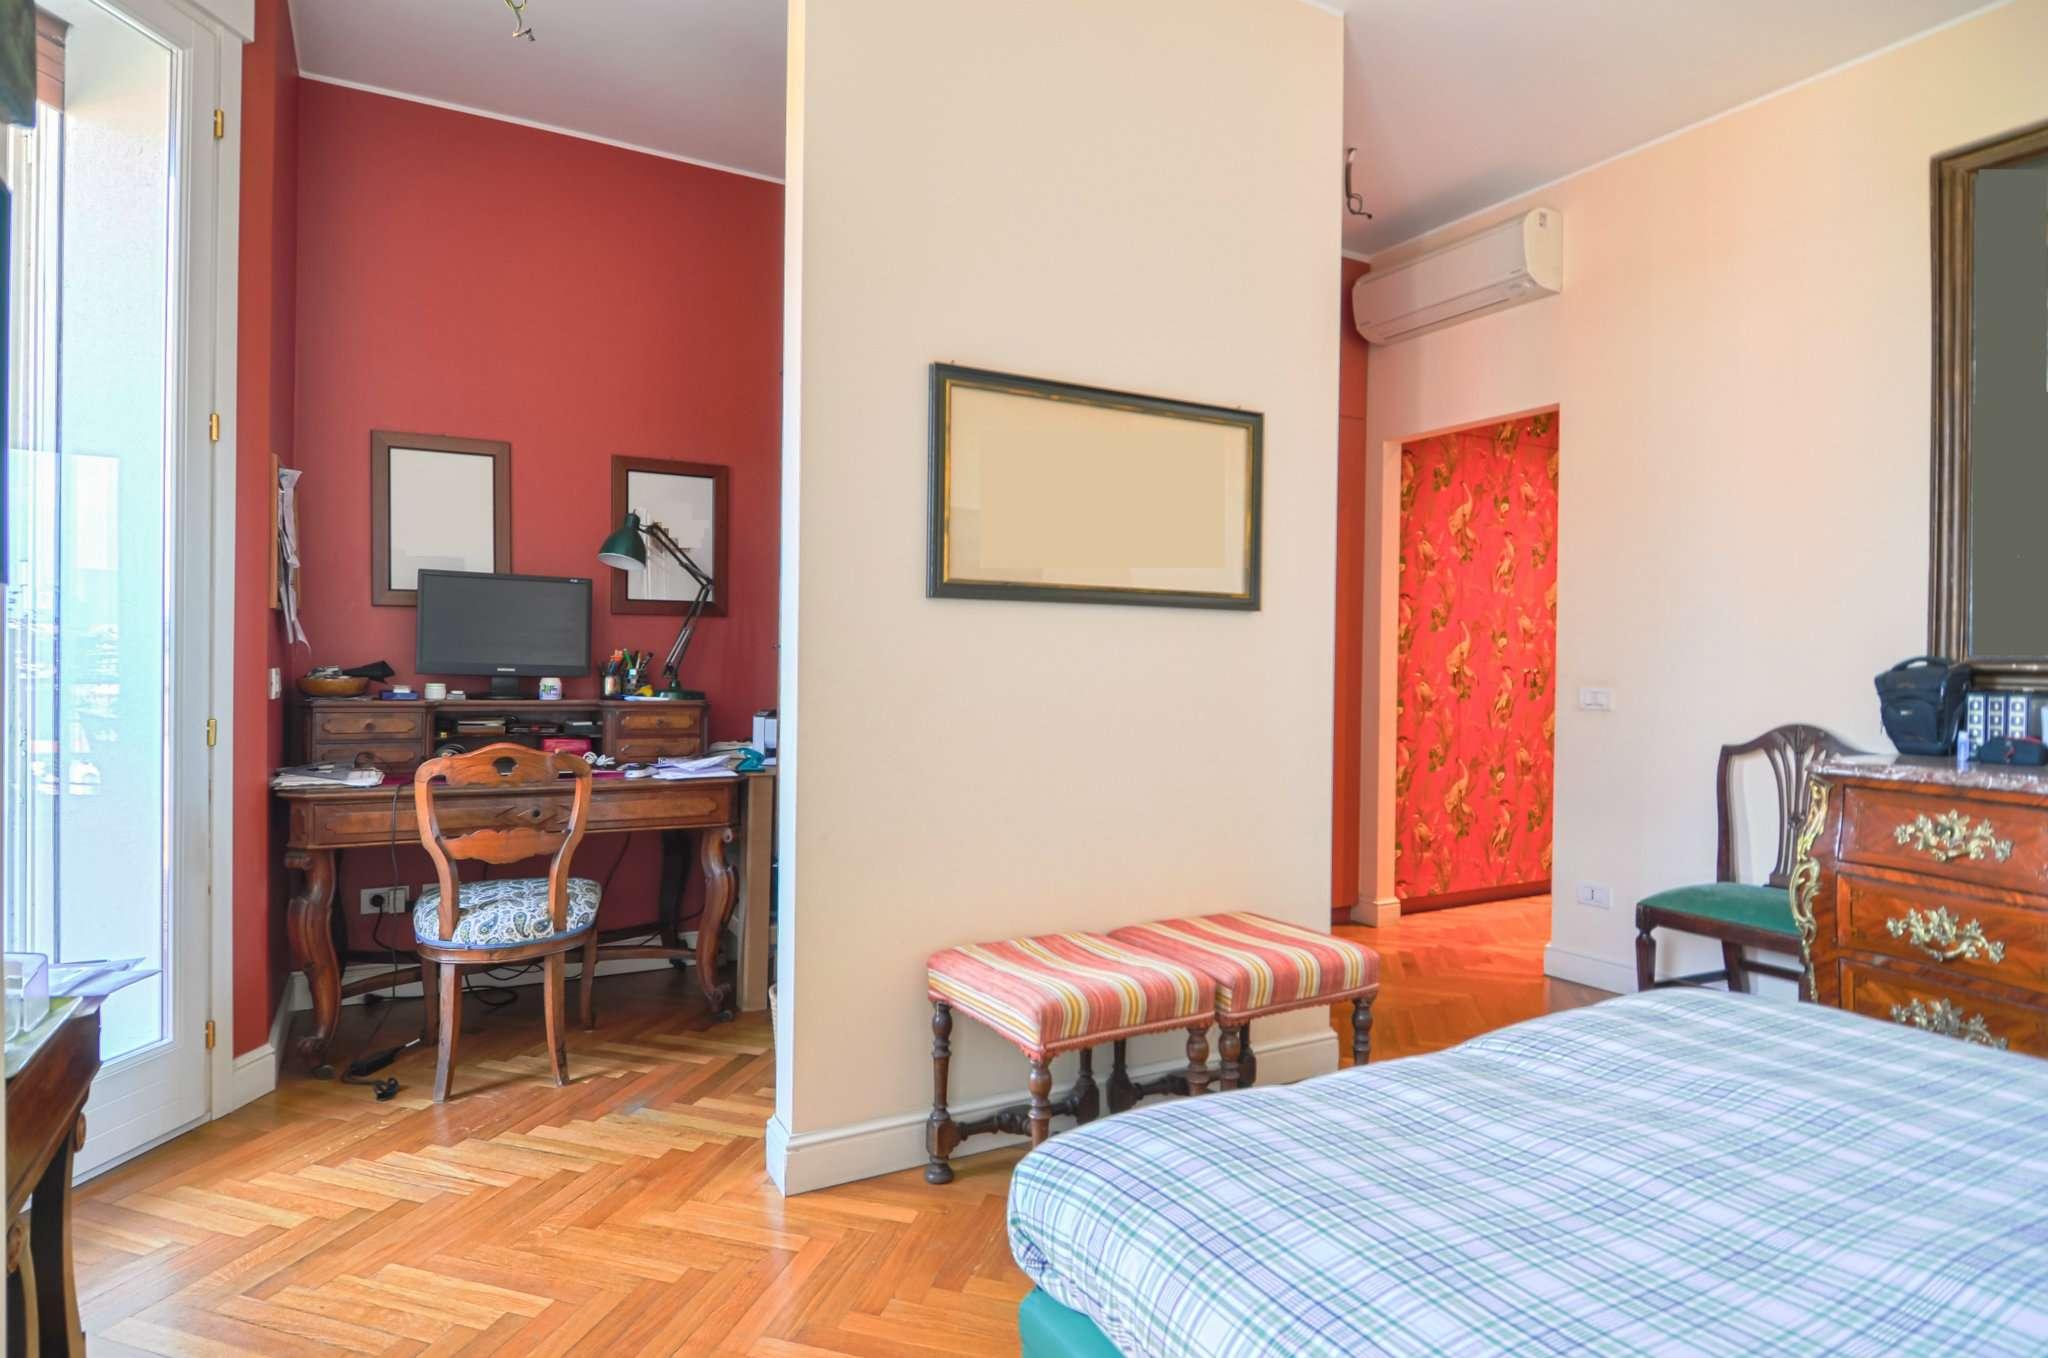 Appartamento in Vendita a Milano: 4 locali, 144 mq - Foto 4